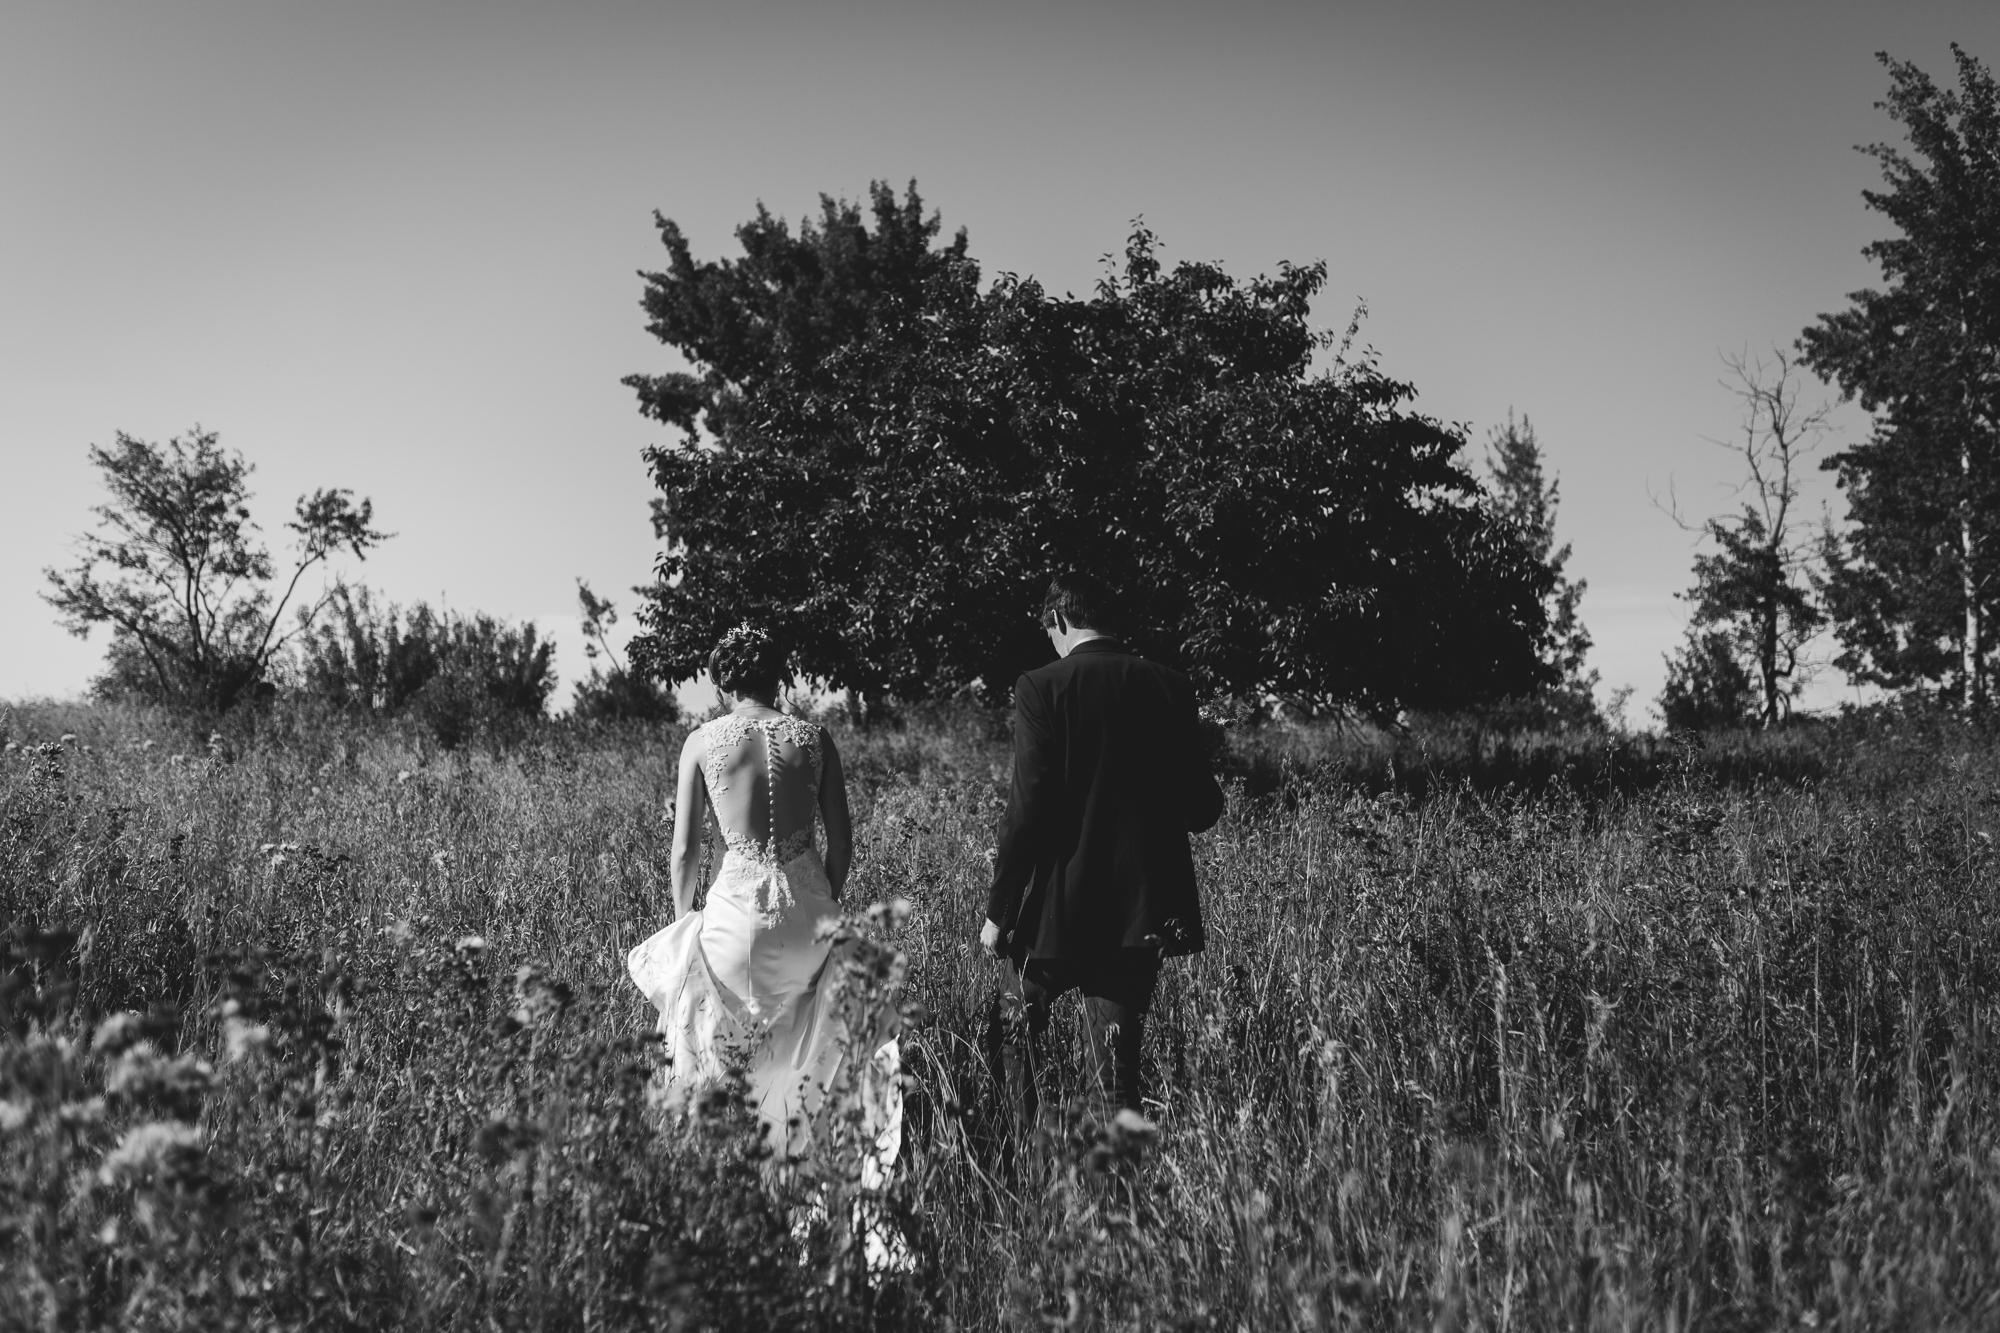 Deanna-Rachel-Photography-calgary-Wedding-photographer-jm-48.jpg